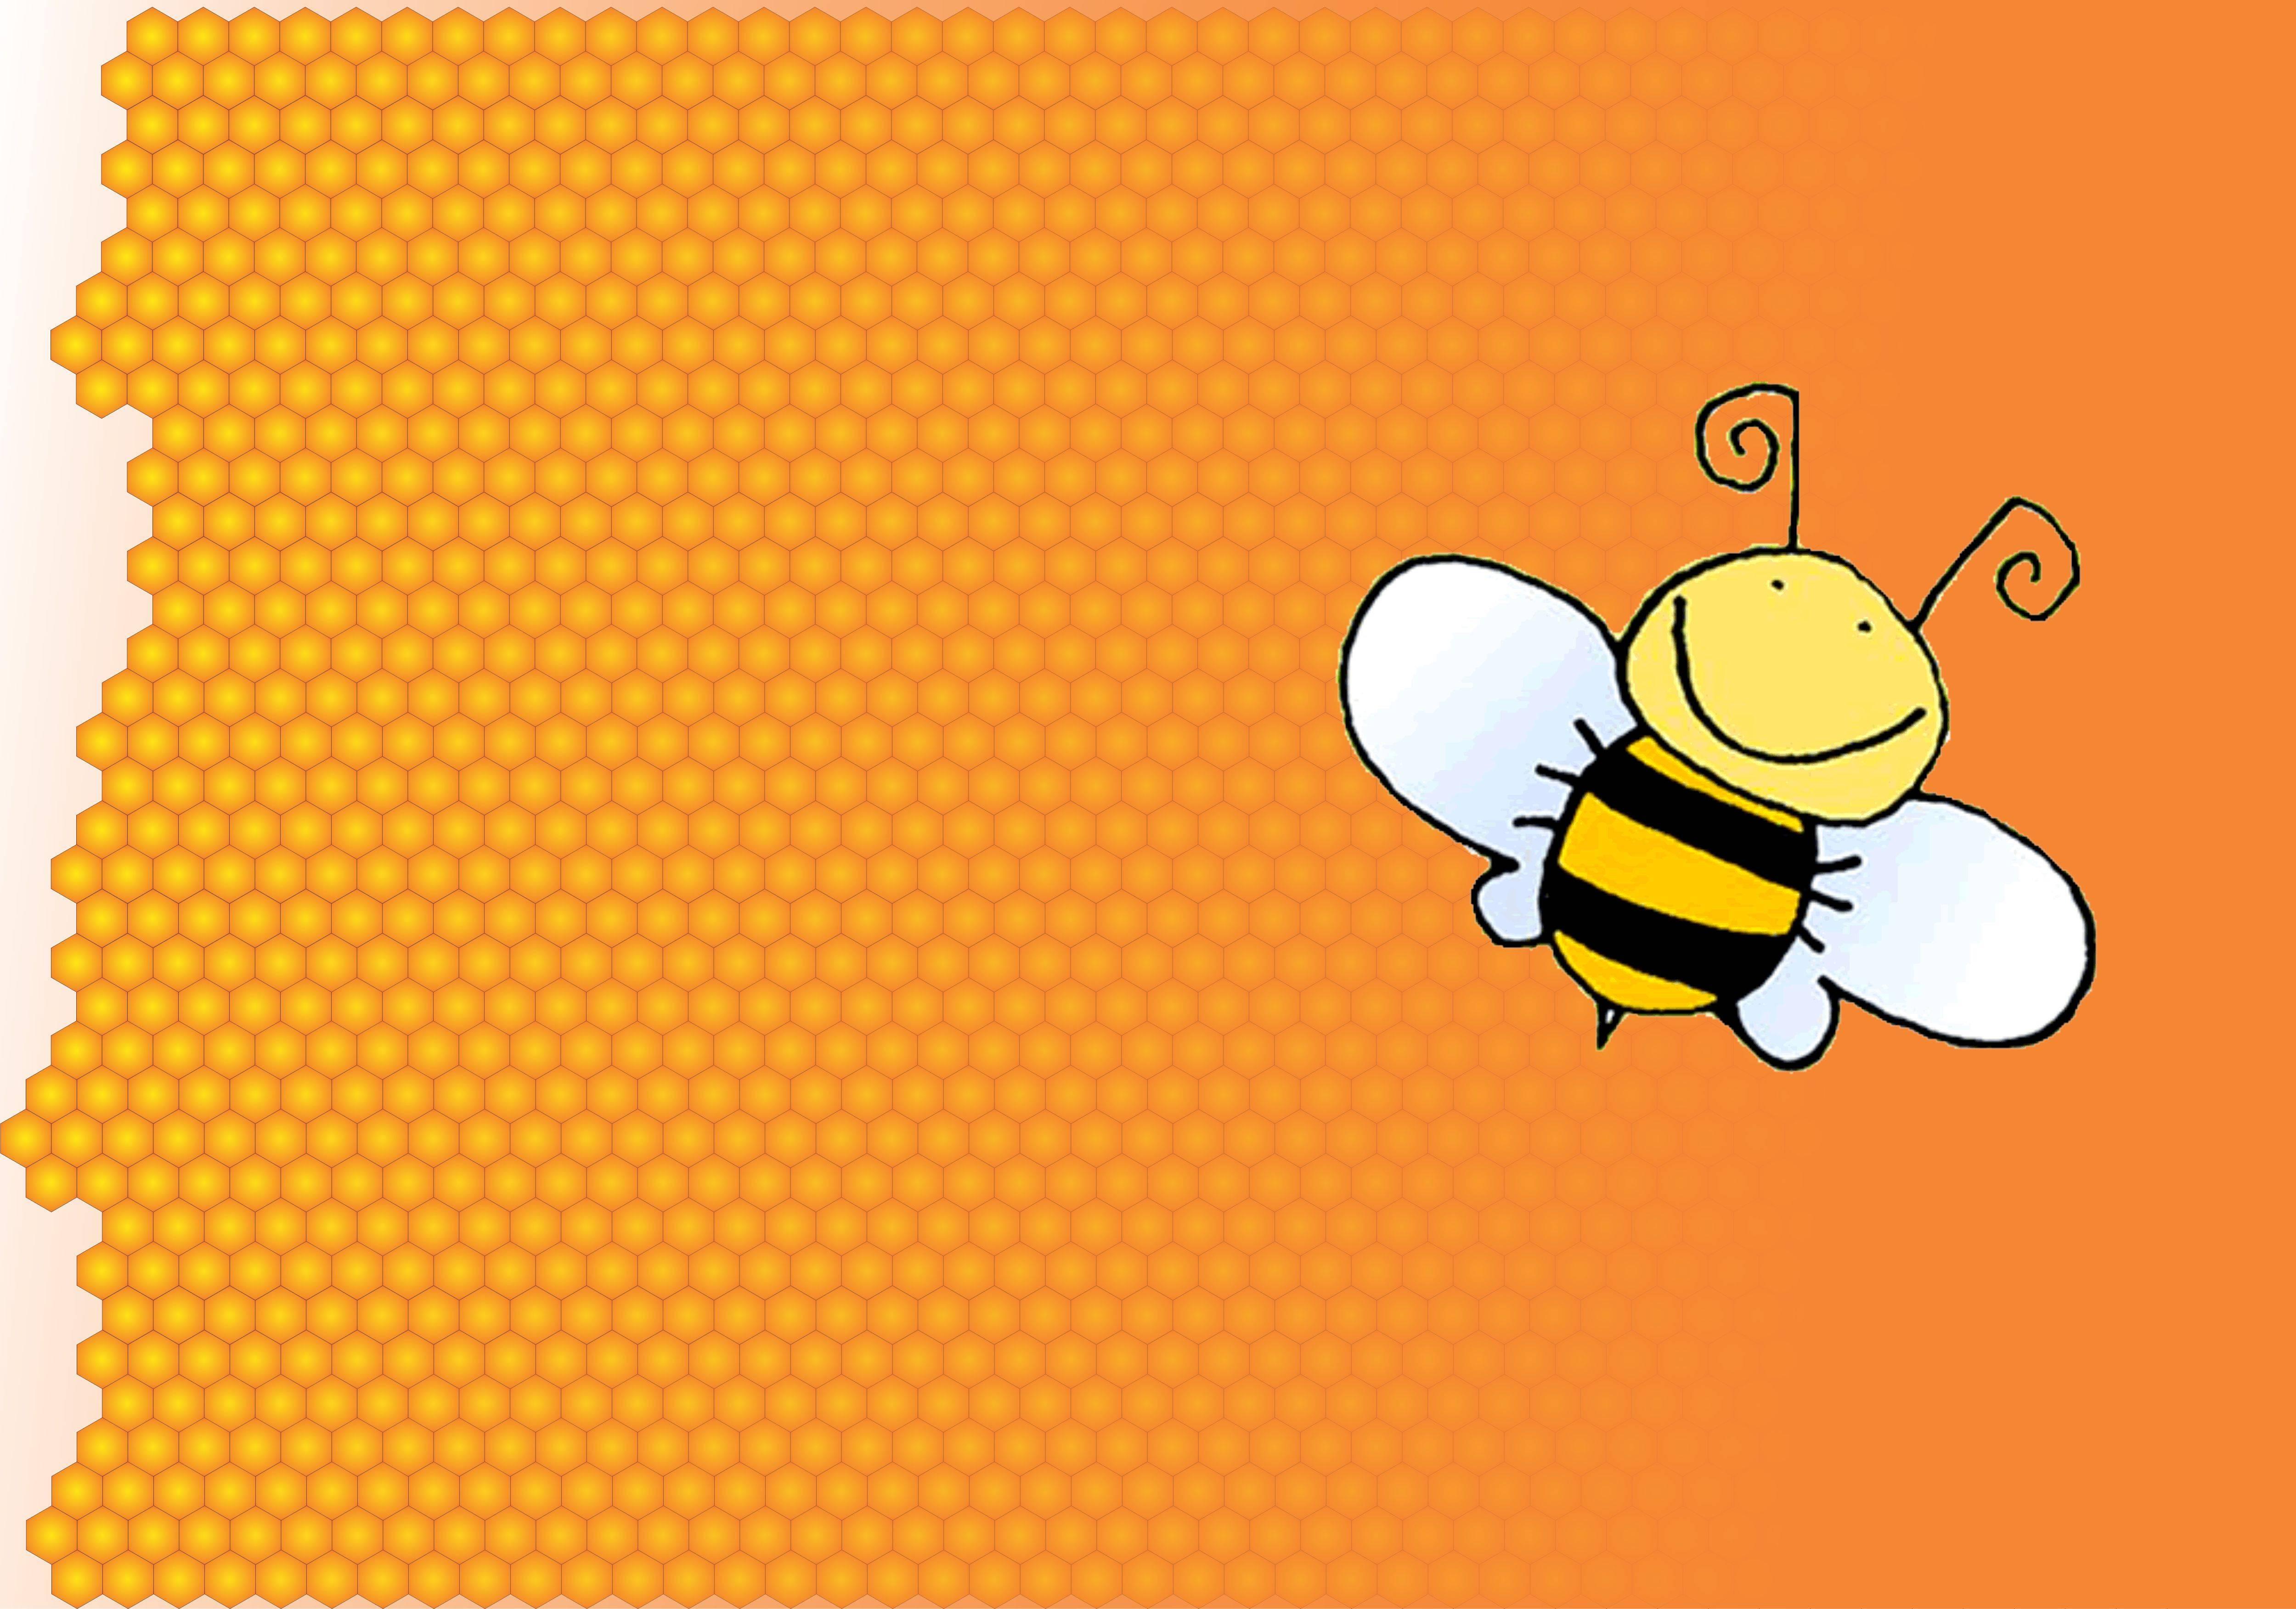 Bee Cartoon Wallpapers Wallpaper Cave